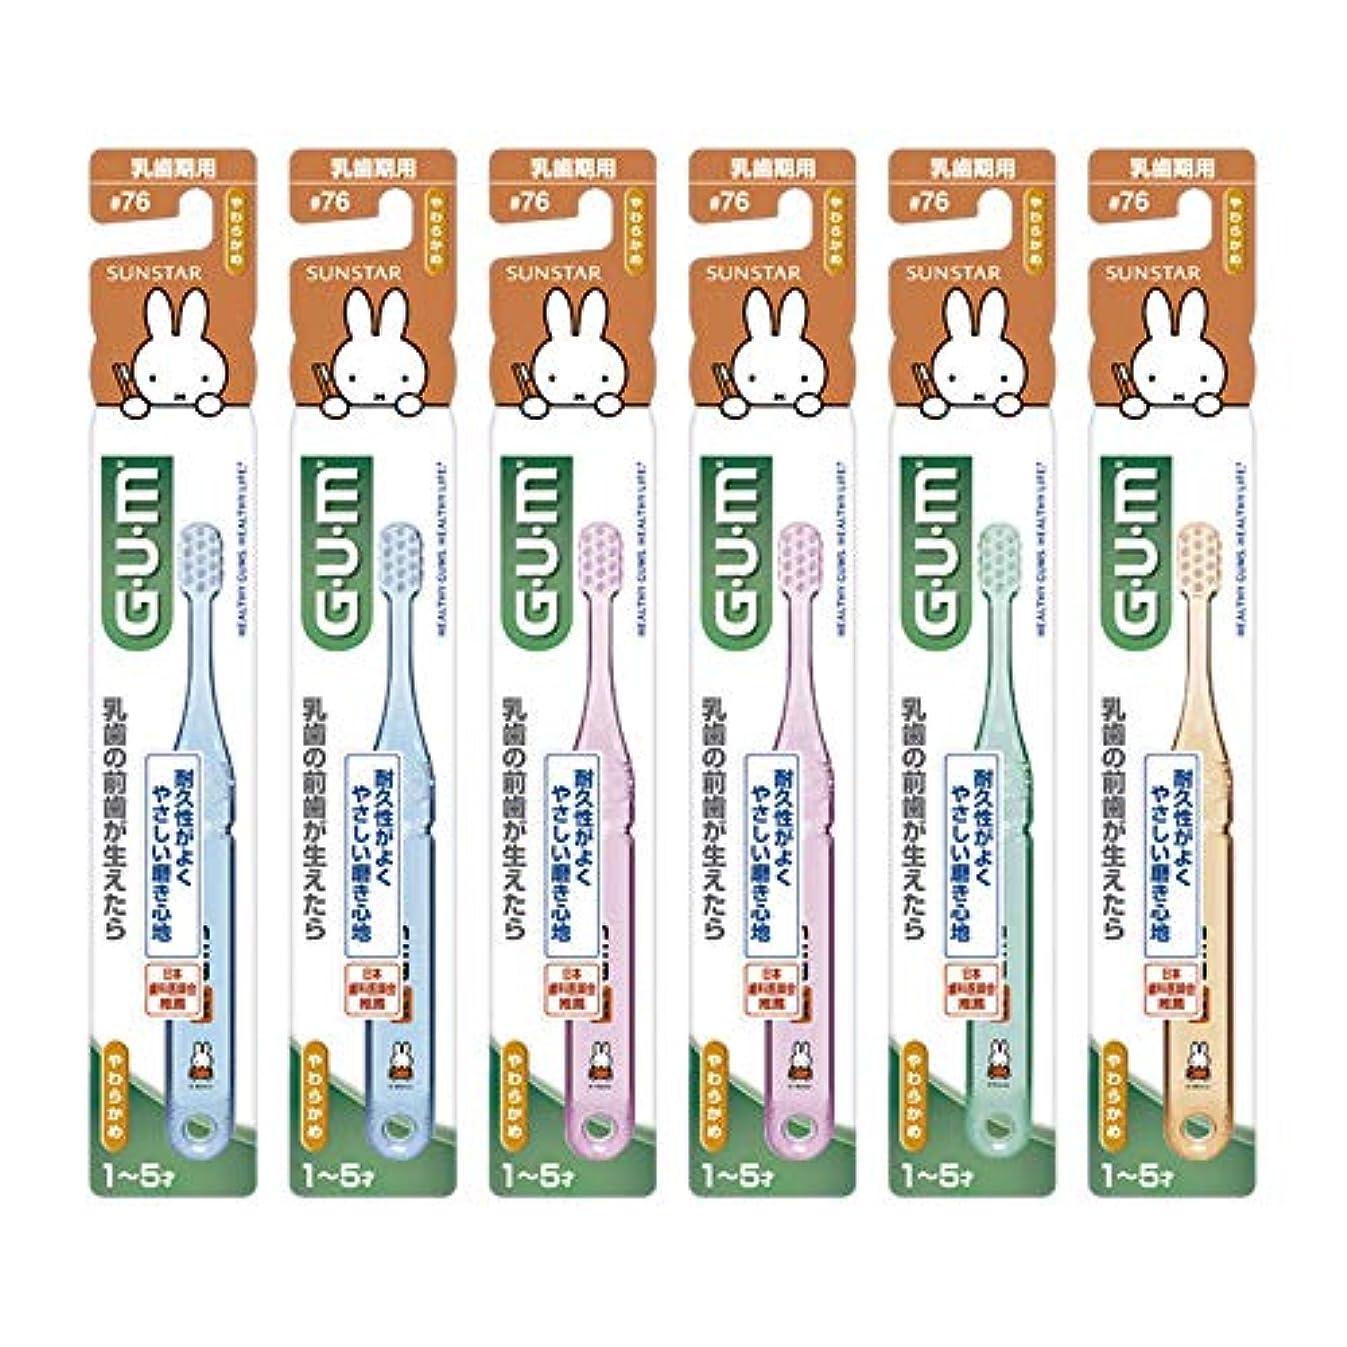 胚芽関係ない戦術GUM(ガム) デンタル ハブラシ こども #76 [乳歯期用?やわらかめ] 6本パック+ おまけつき